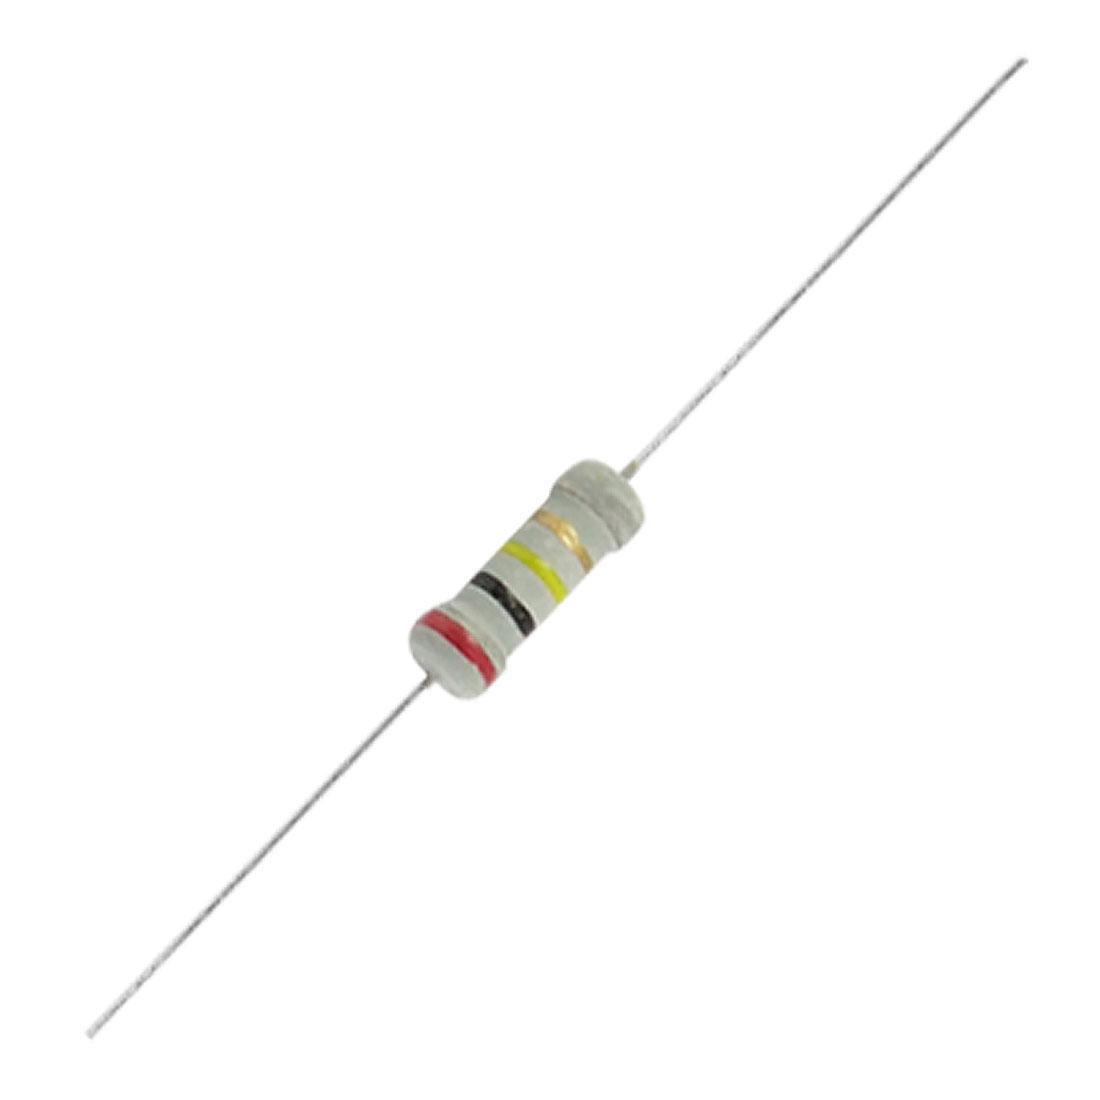 200K Ohms OHM 1W 5% Axial Carbon Film Resistors 500 Pcs